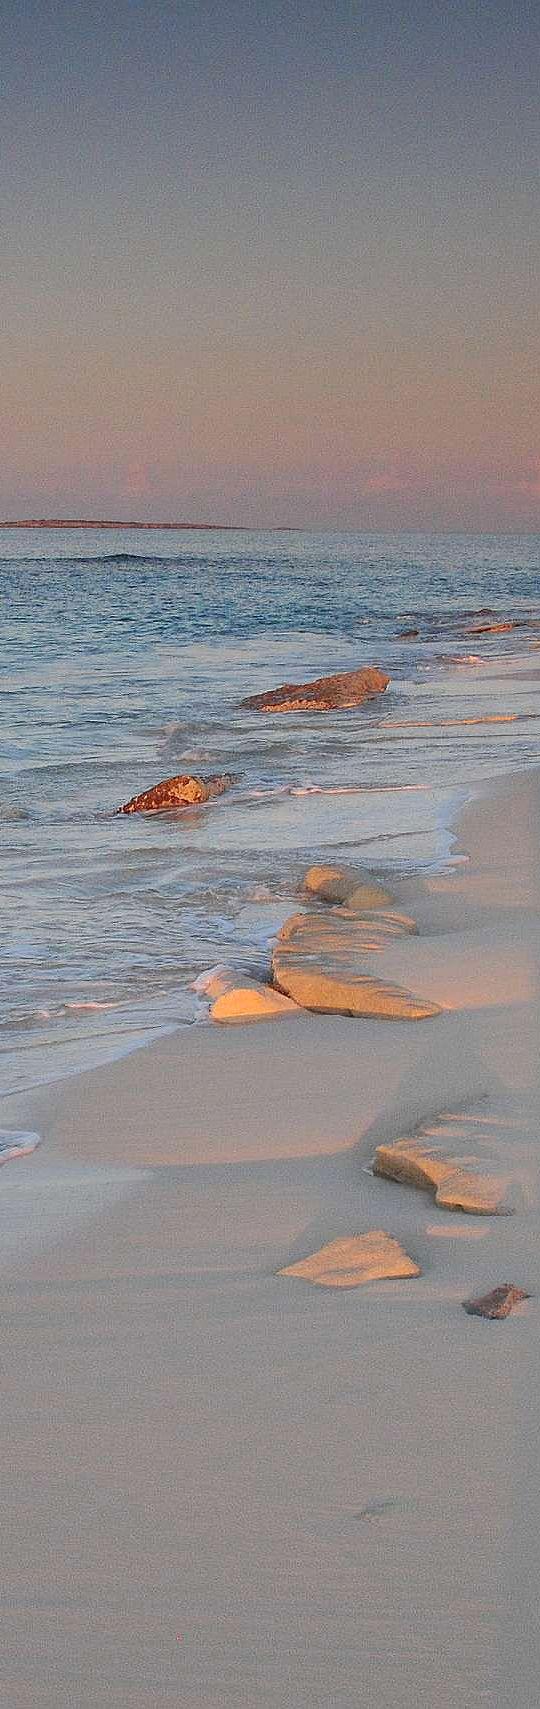 Salt Cay Beach - Turks & Caicos   Caribbean